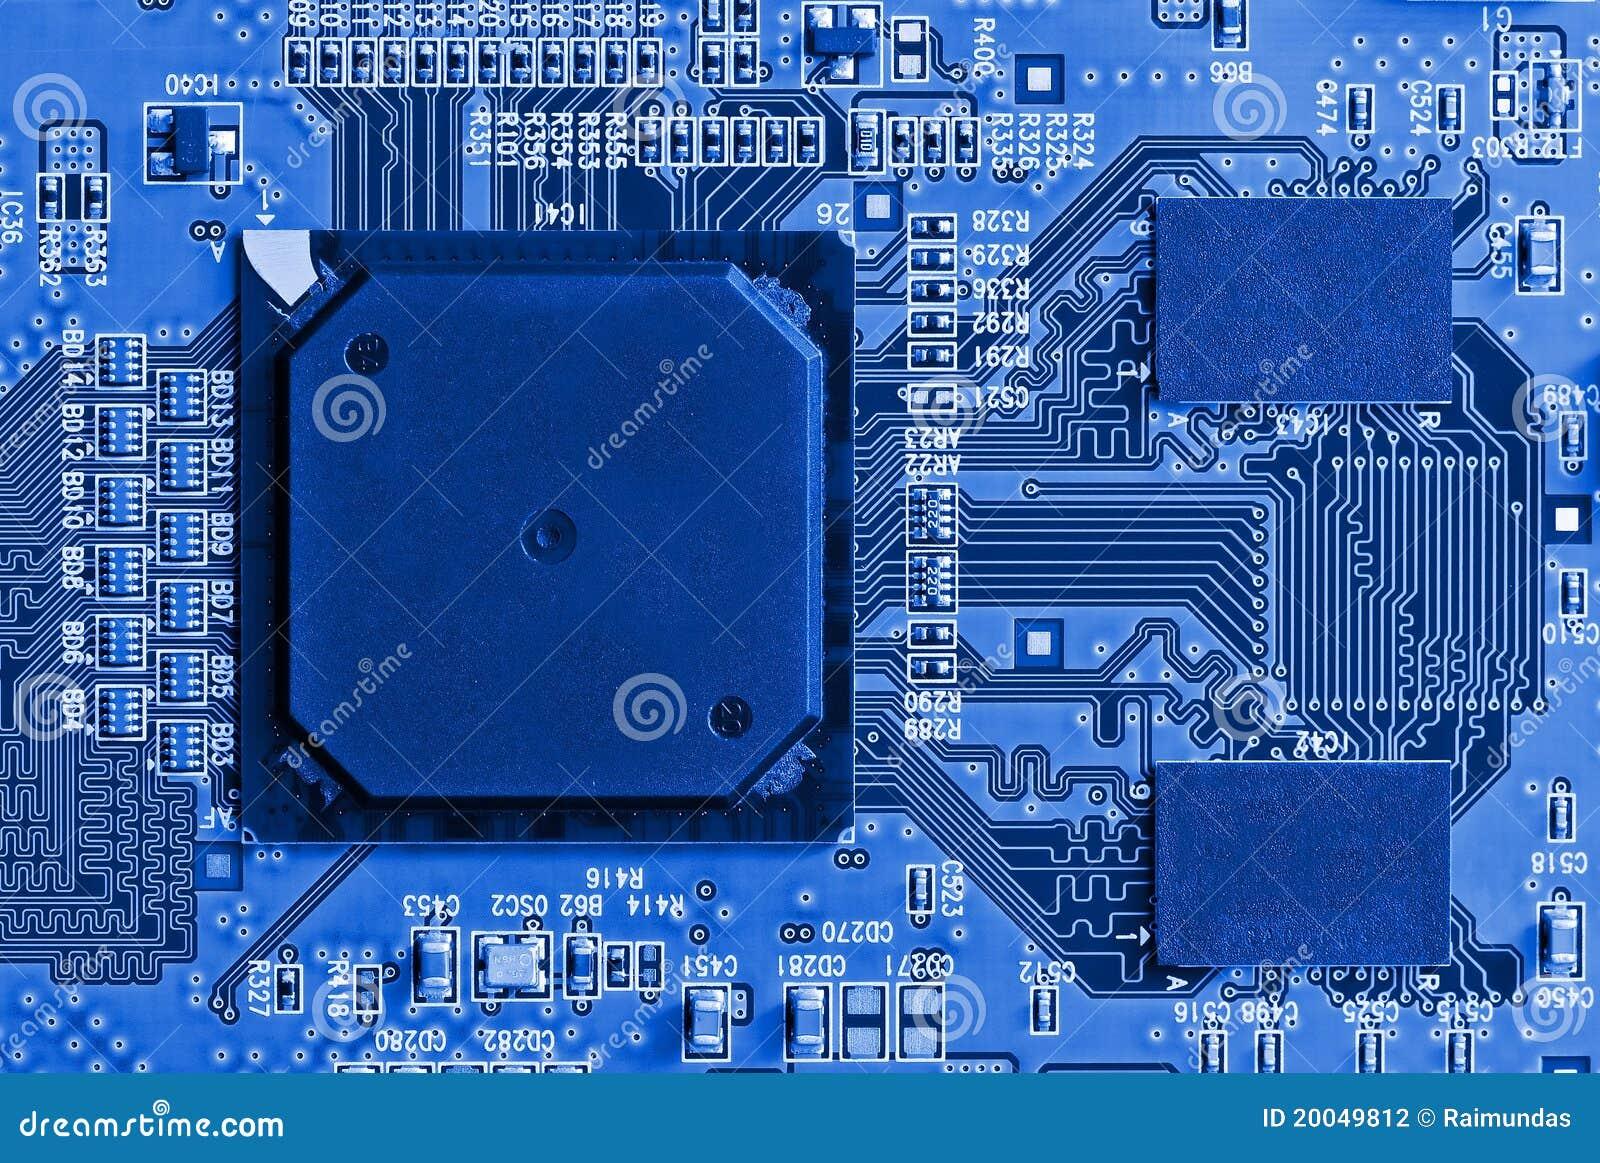 Бизнес план микроэлектроника открытие фирмы в астрахани